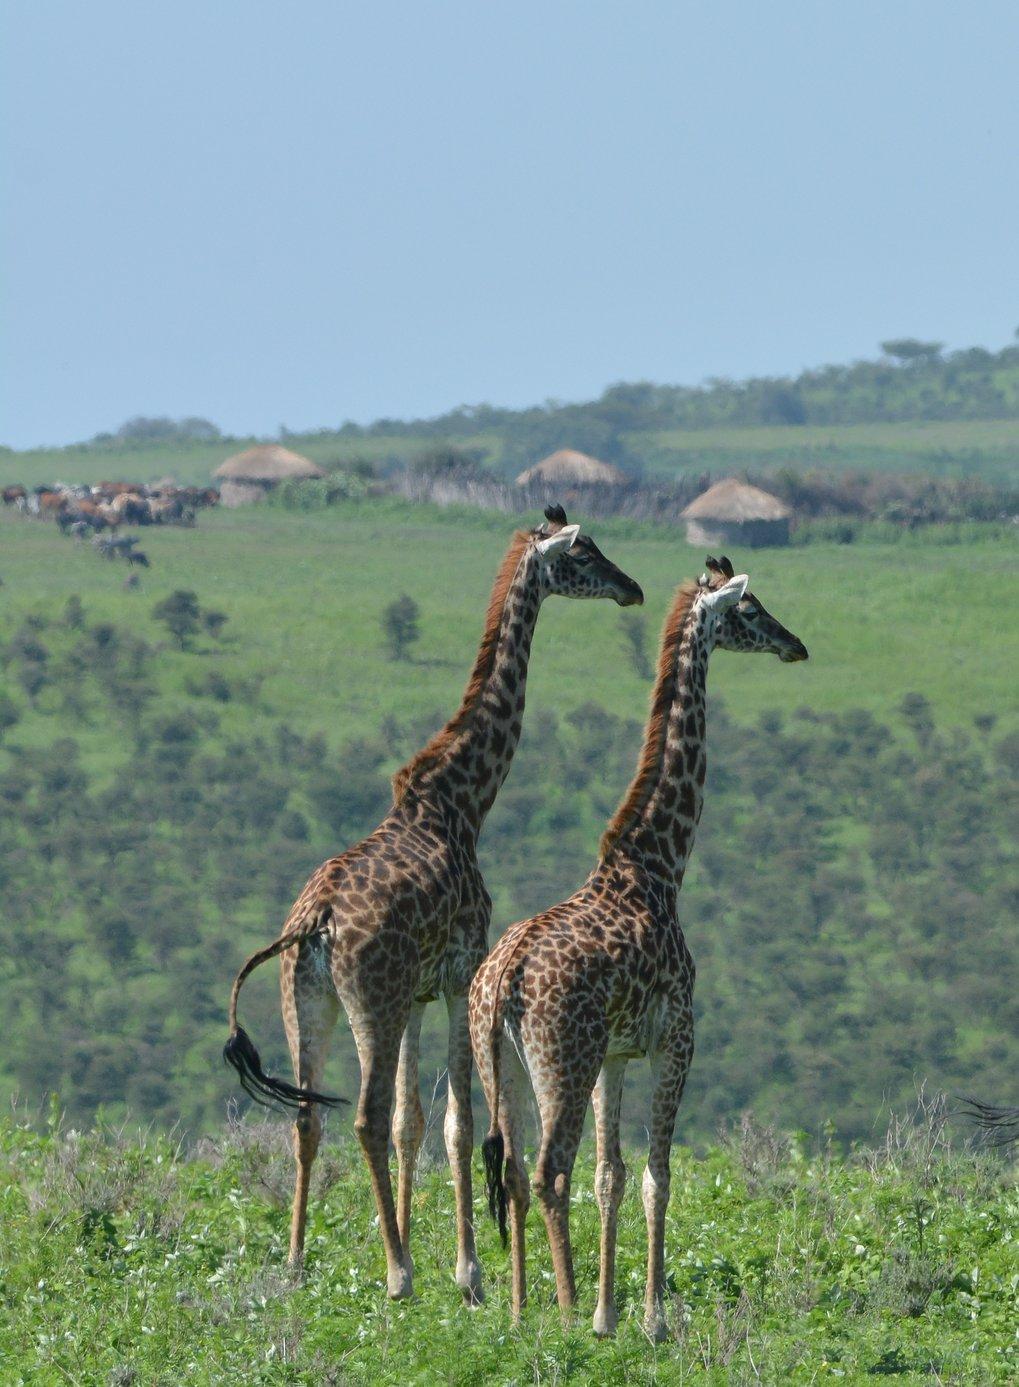 Gestörte soziale Netzwerke könnten eine Ursache für den Rückgang der Giraffen sein.